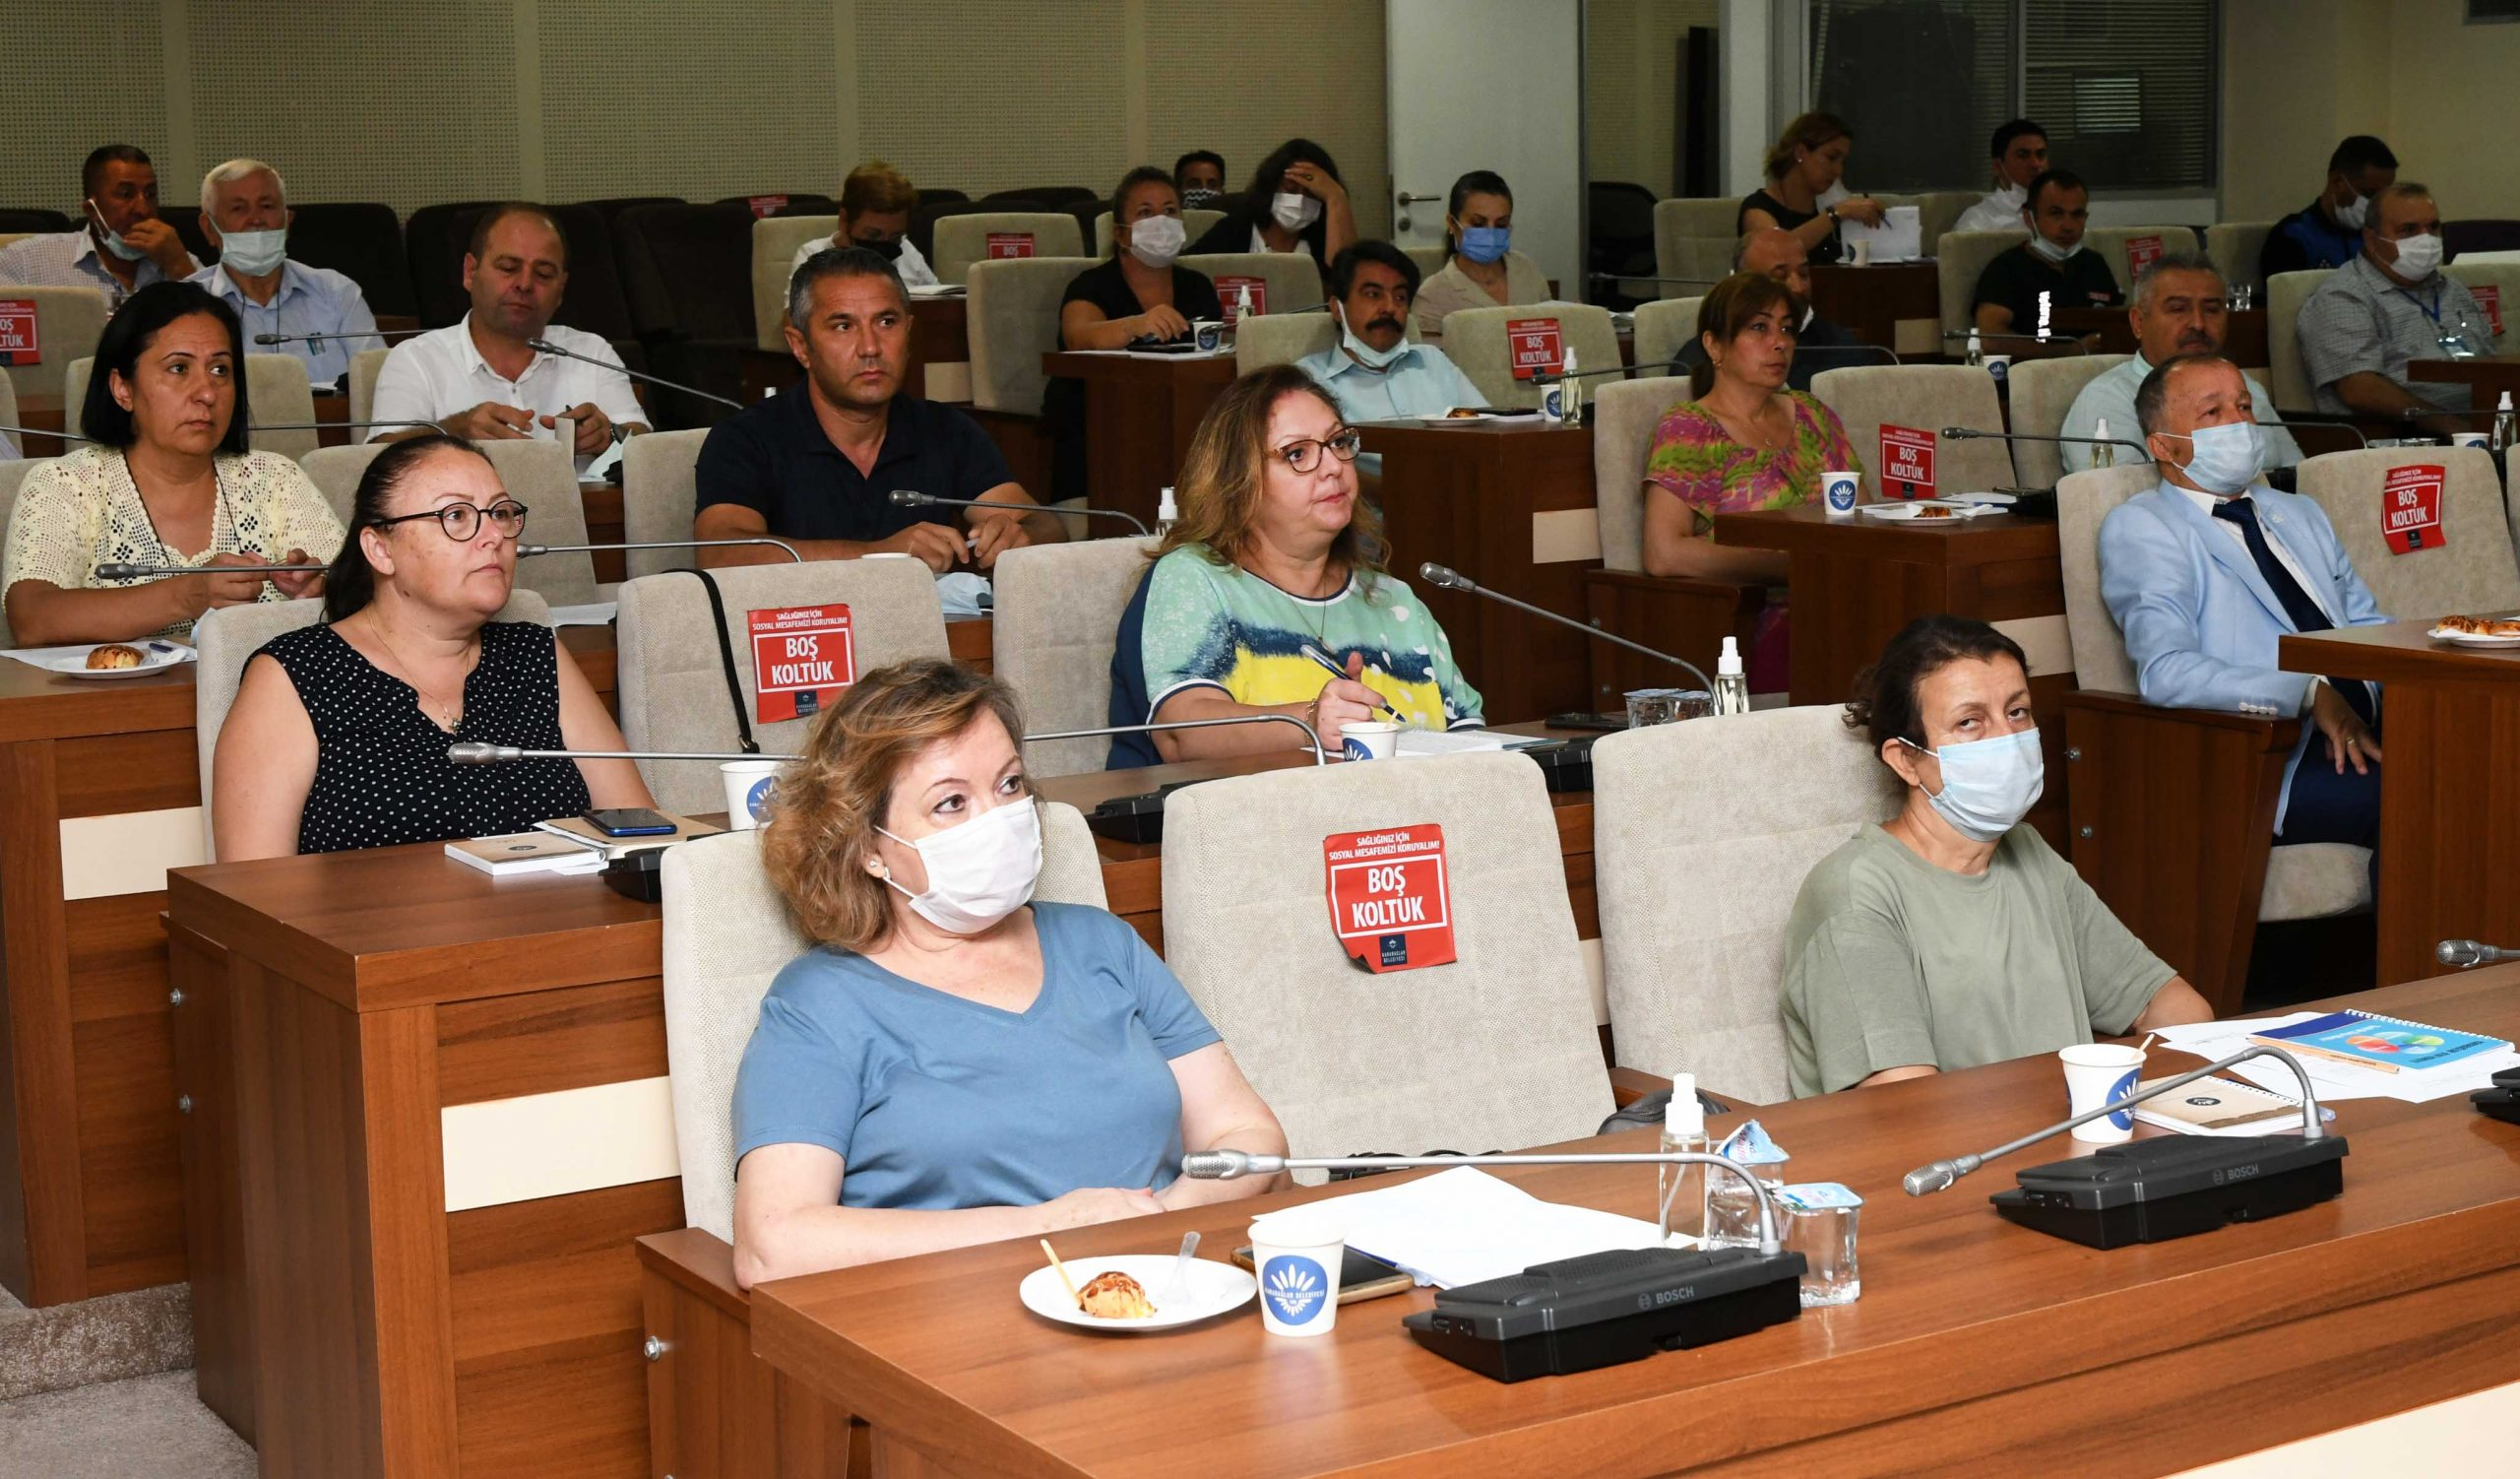 Karabağlar Belediye Başkanı Muhittin Selvitopu, meclis üyeleri ve bürokratlar, muhtarlarla buluşuyor.